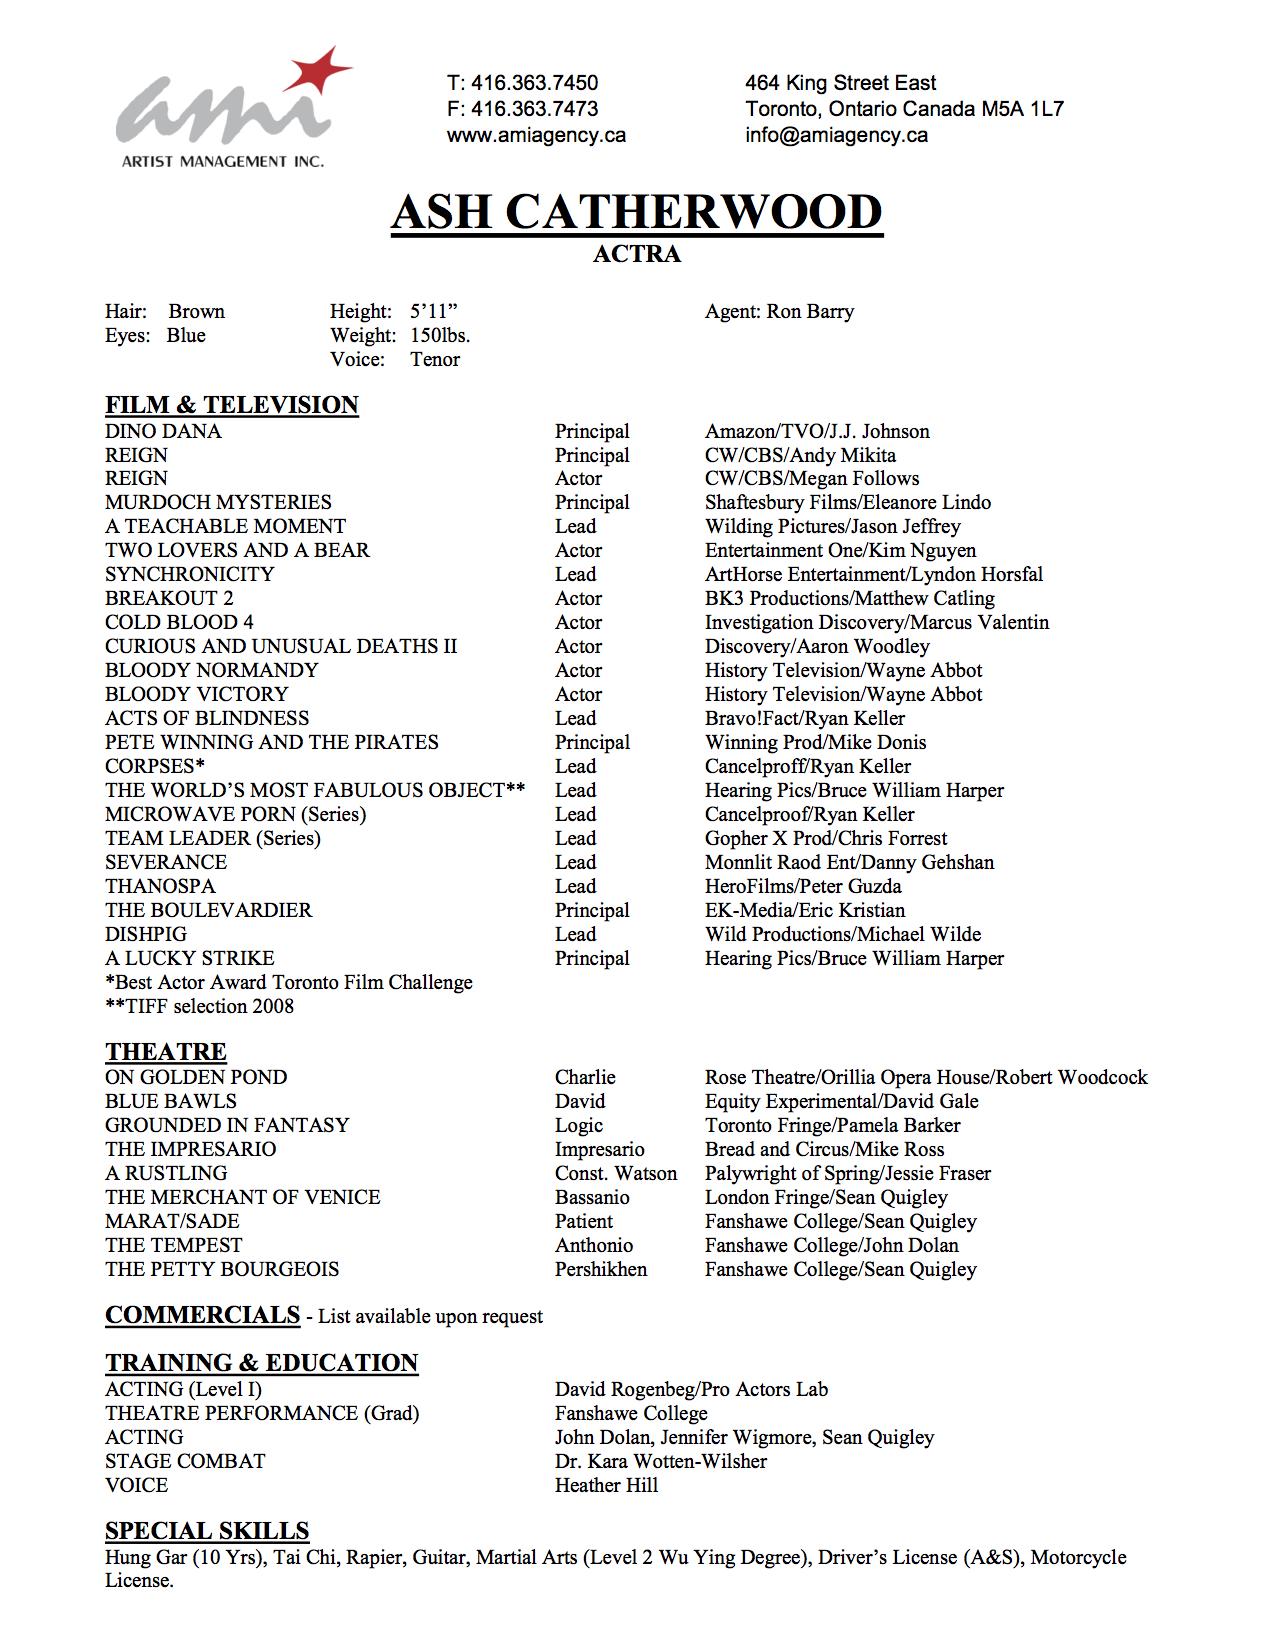 Resume Ash Catherwood